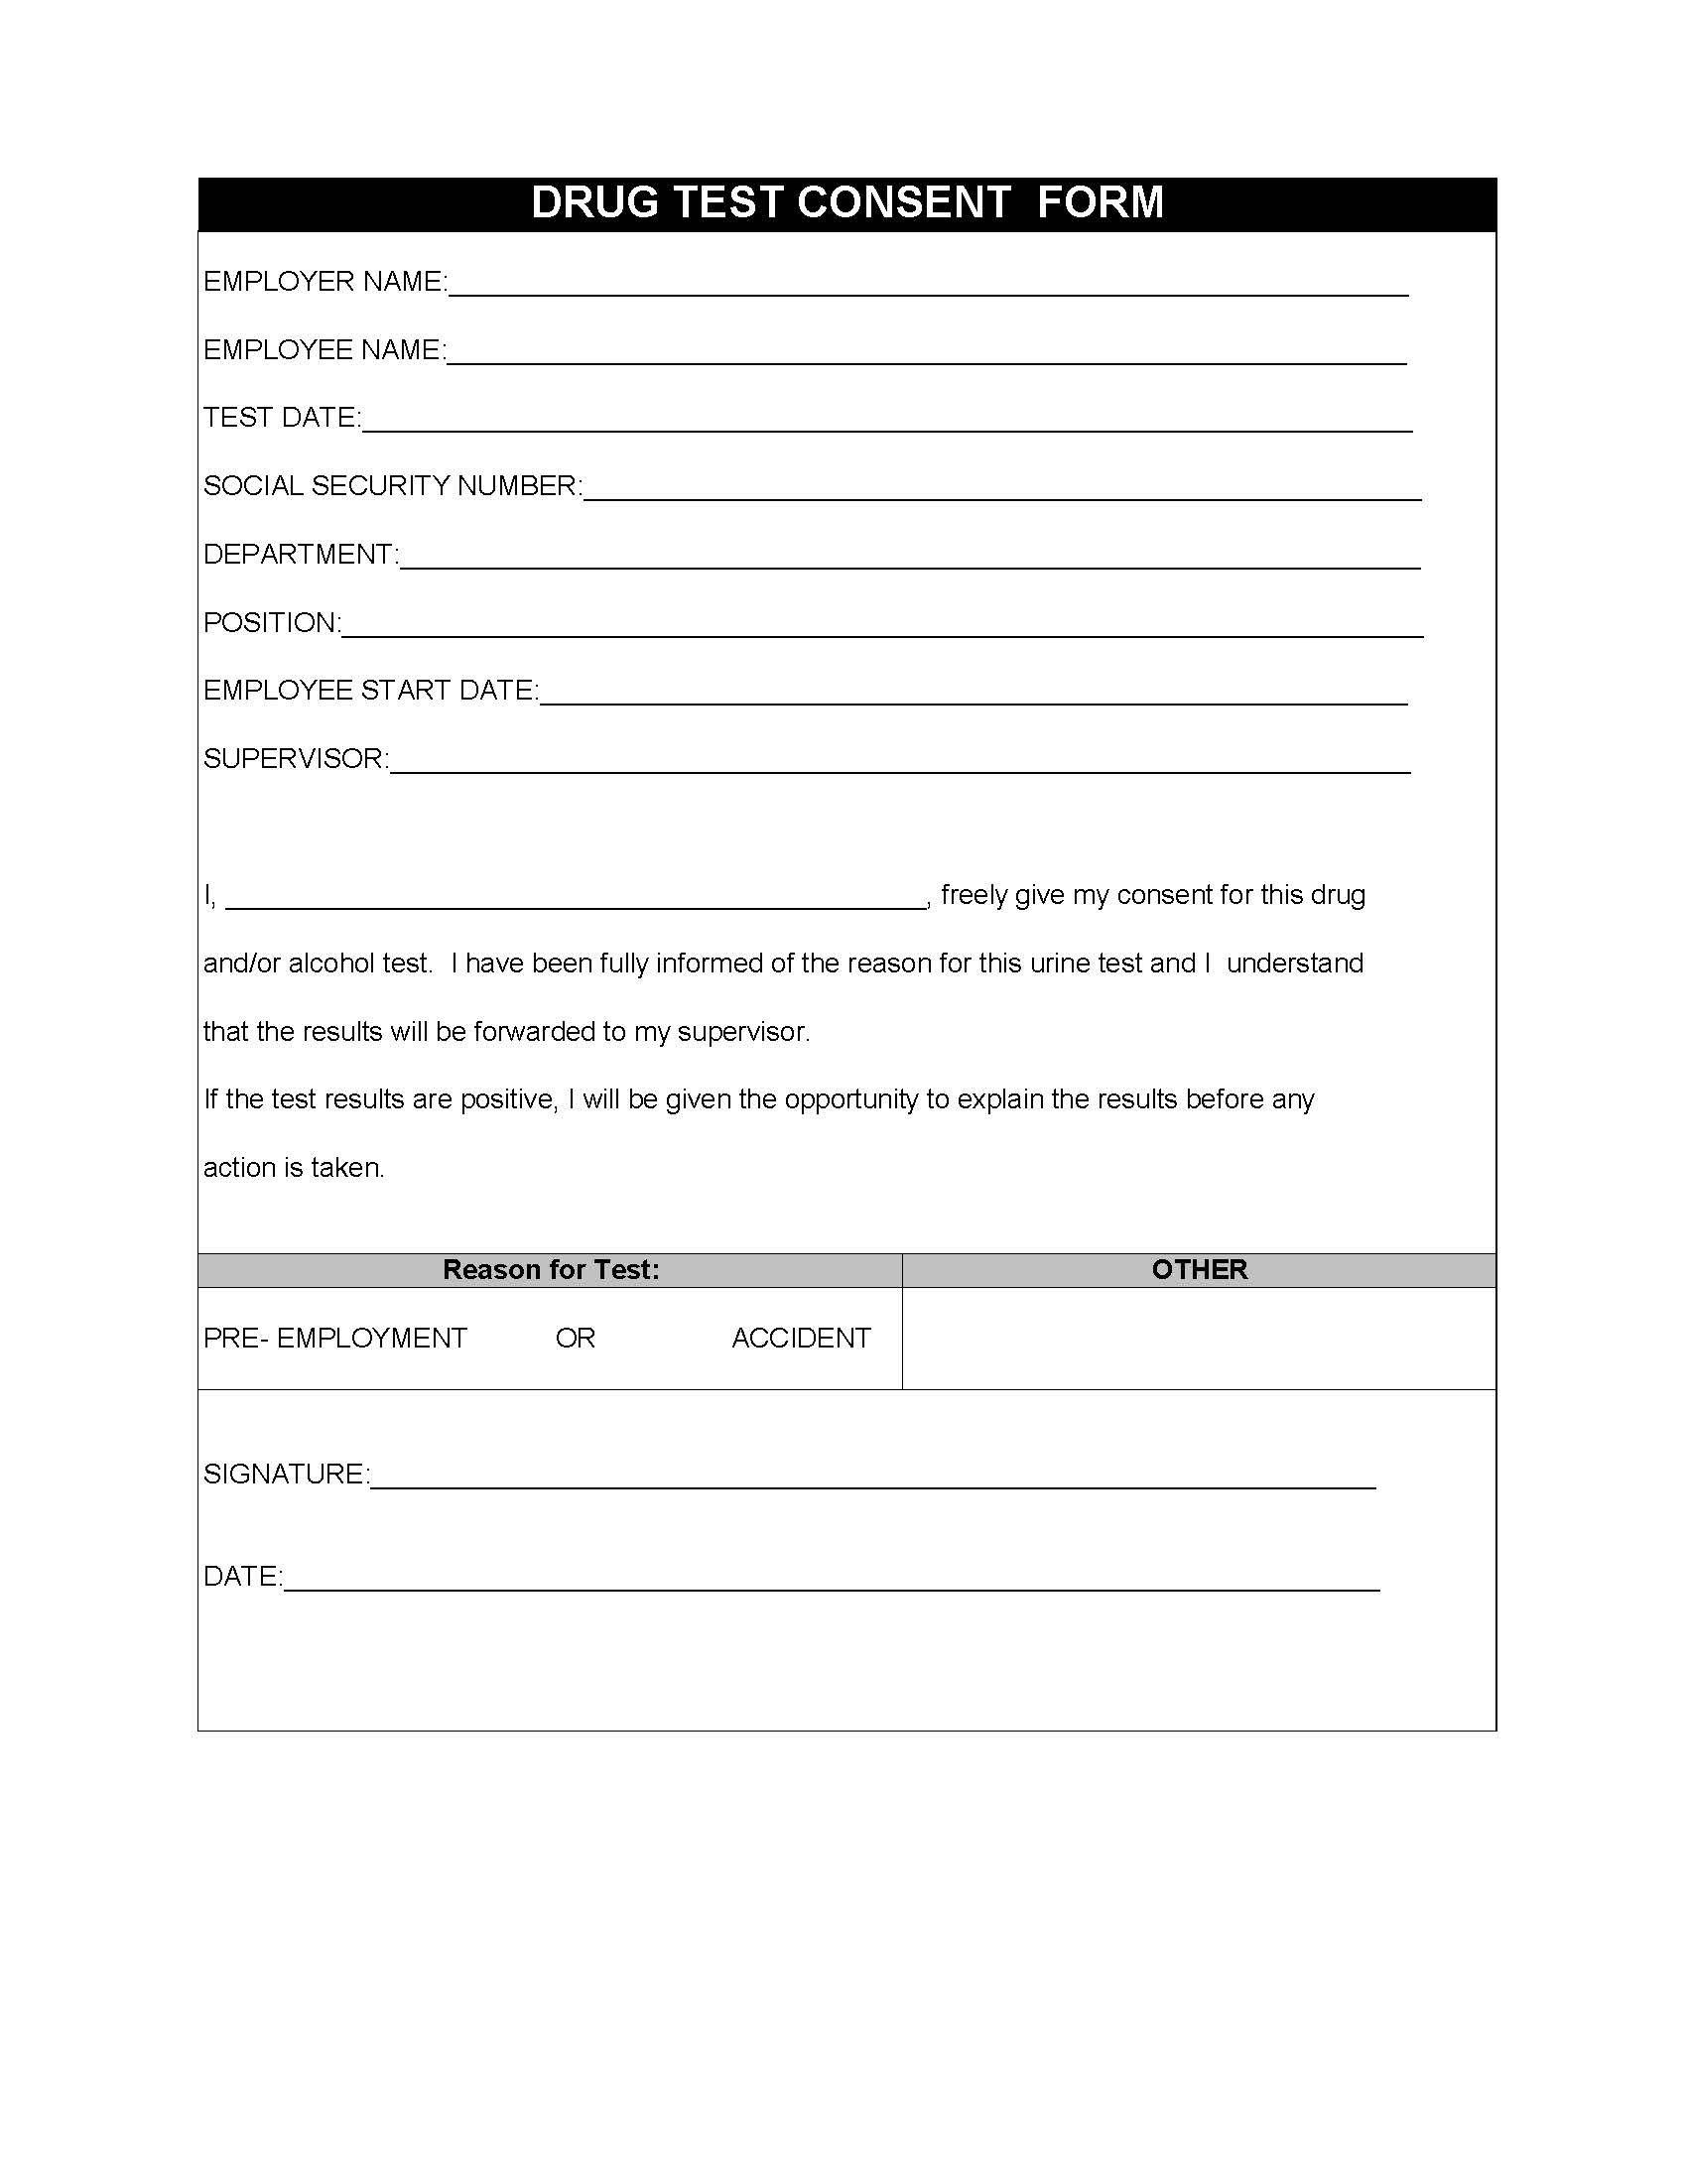 Restaurant employee drug test consent form. restaurant